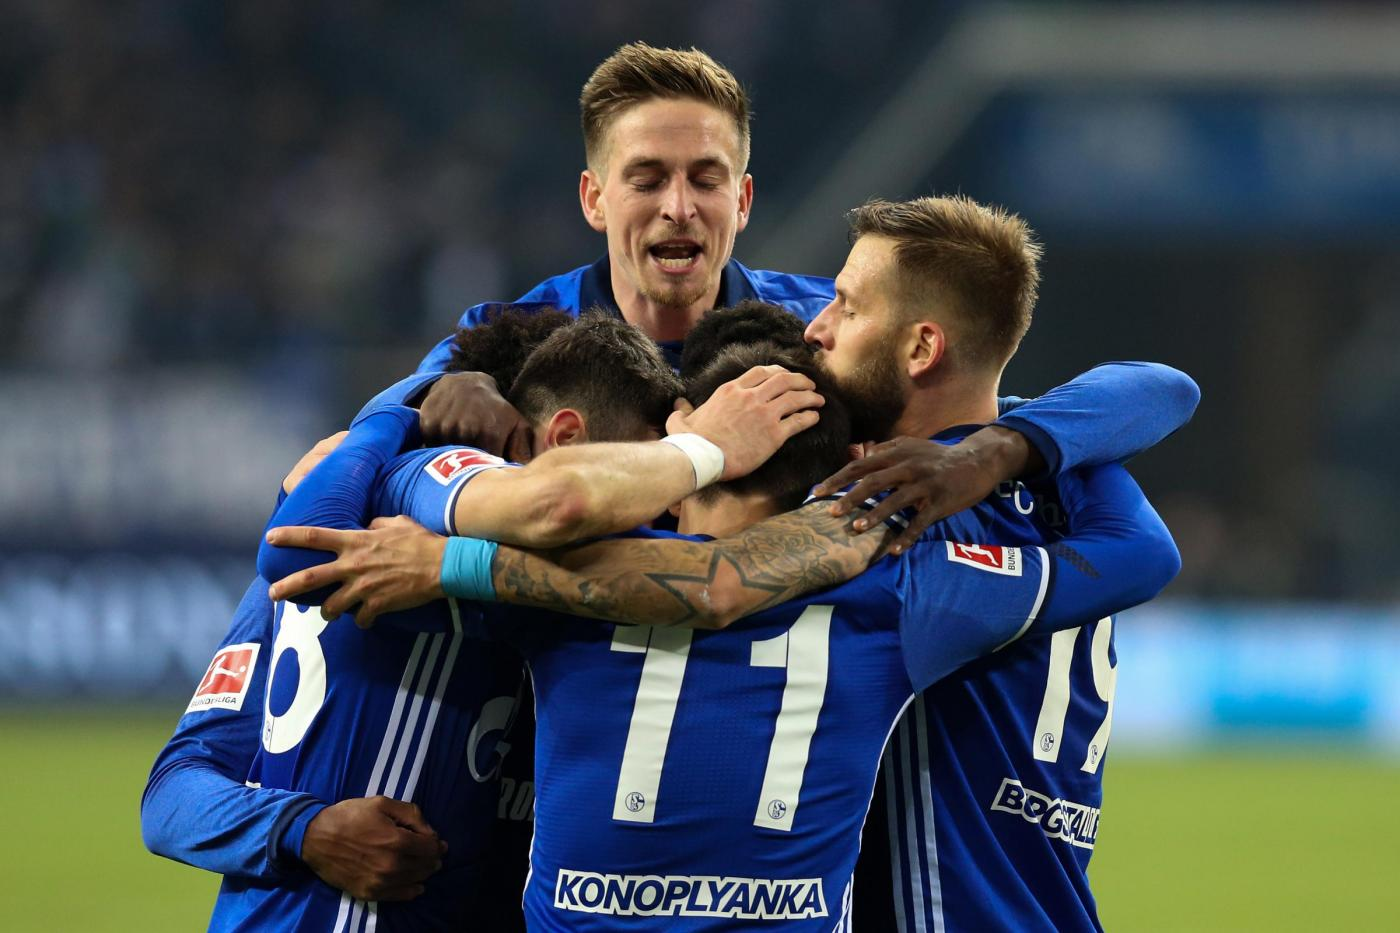 Bundesliga, Schalke-Hoffenheim 20 aprile: analisi e pronostico della giornata della massima divisione calcistica tedesca